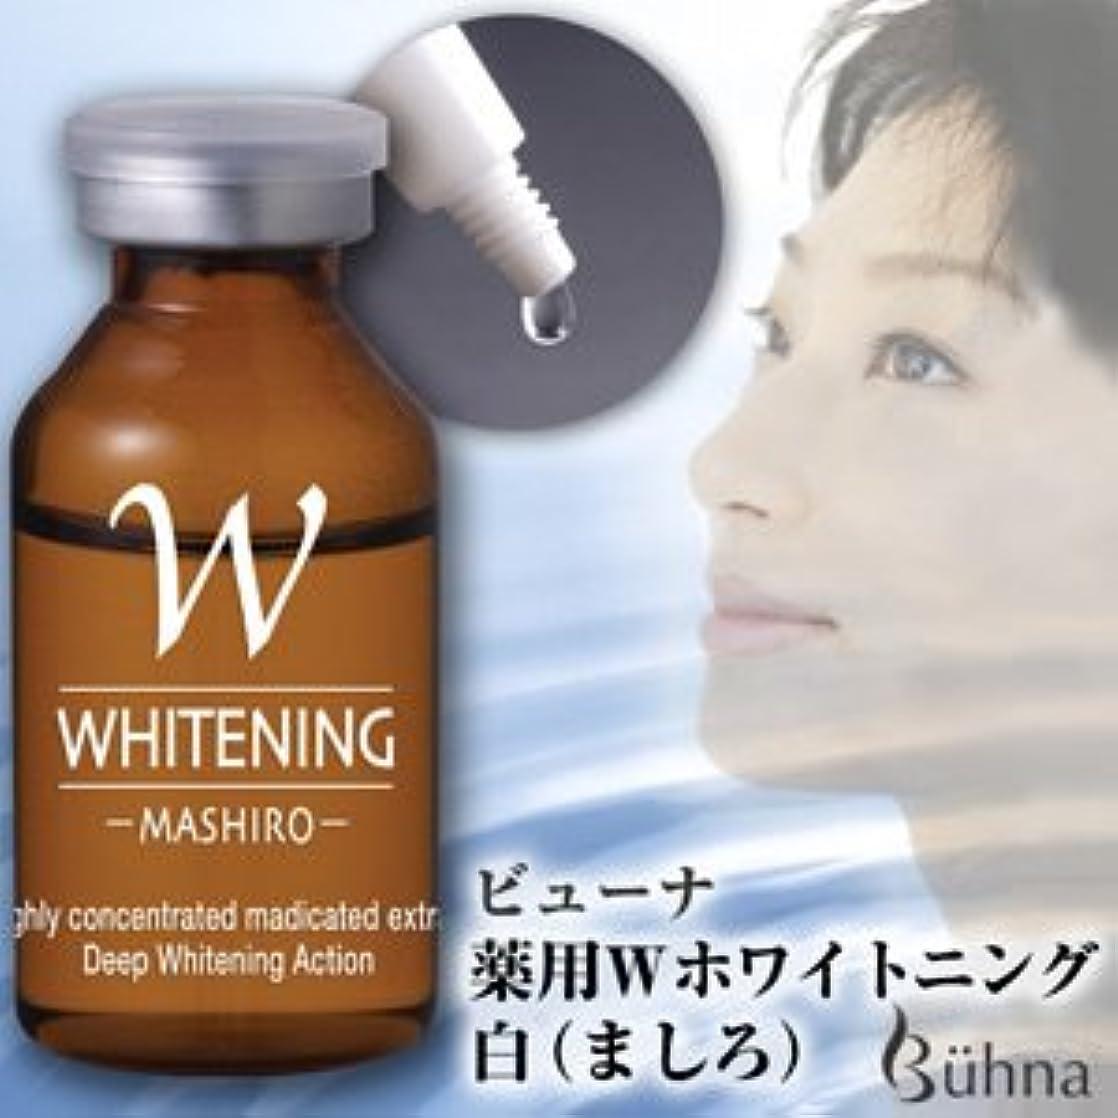 能力海外返還超高濃度!W原液がシミを断つ、翌朝の肌で感じる美肌力『薬用ダブルホワイトニング白(ましろ)』